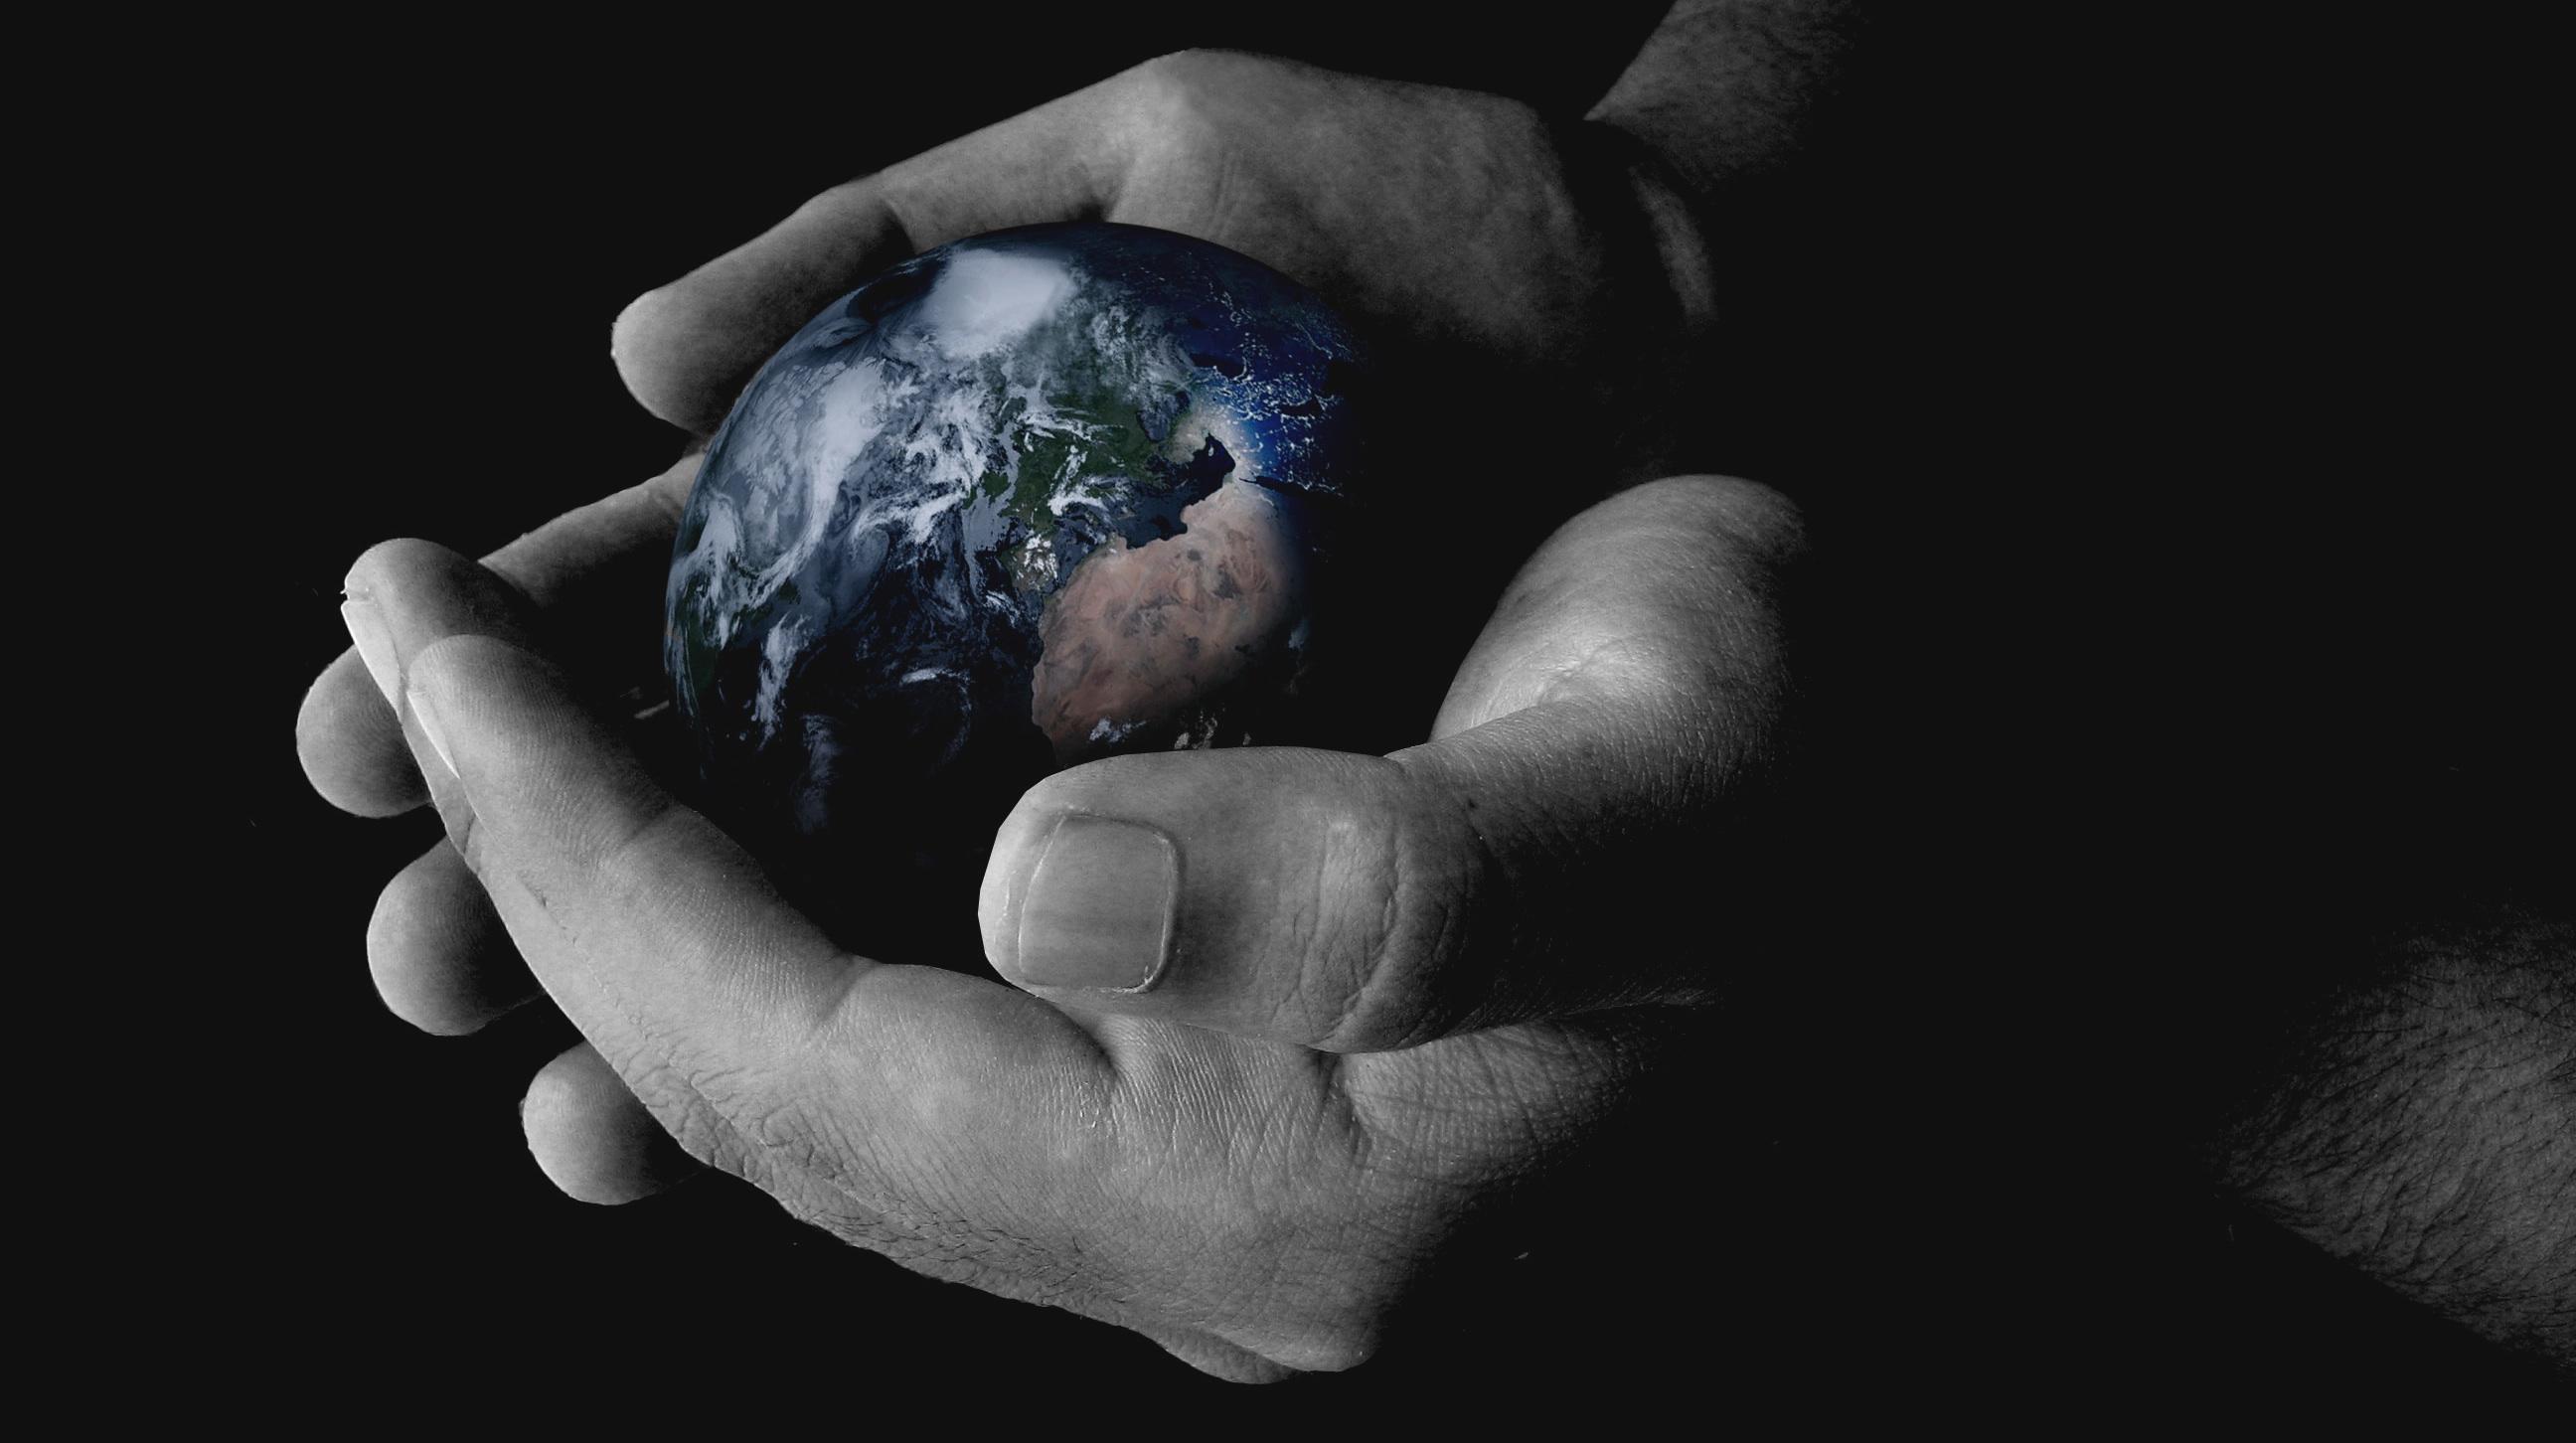 Resultado de imagen para world hands